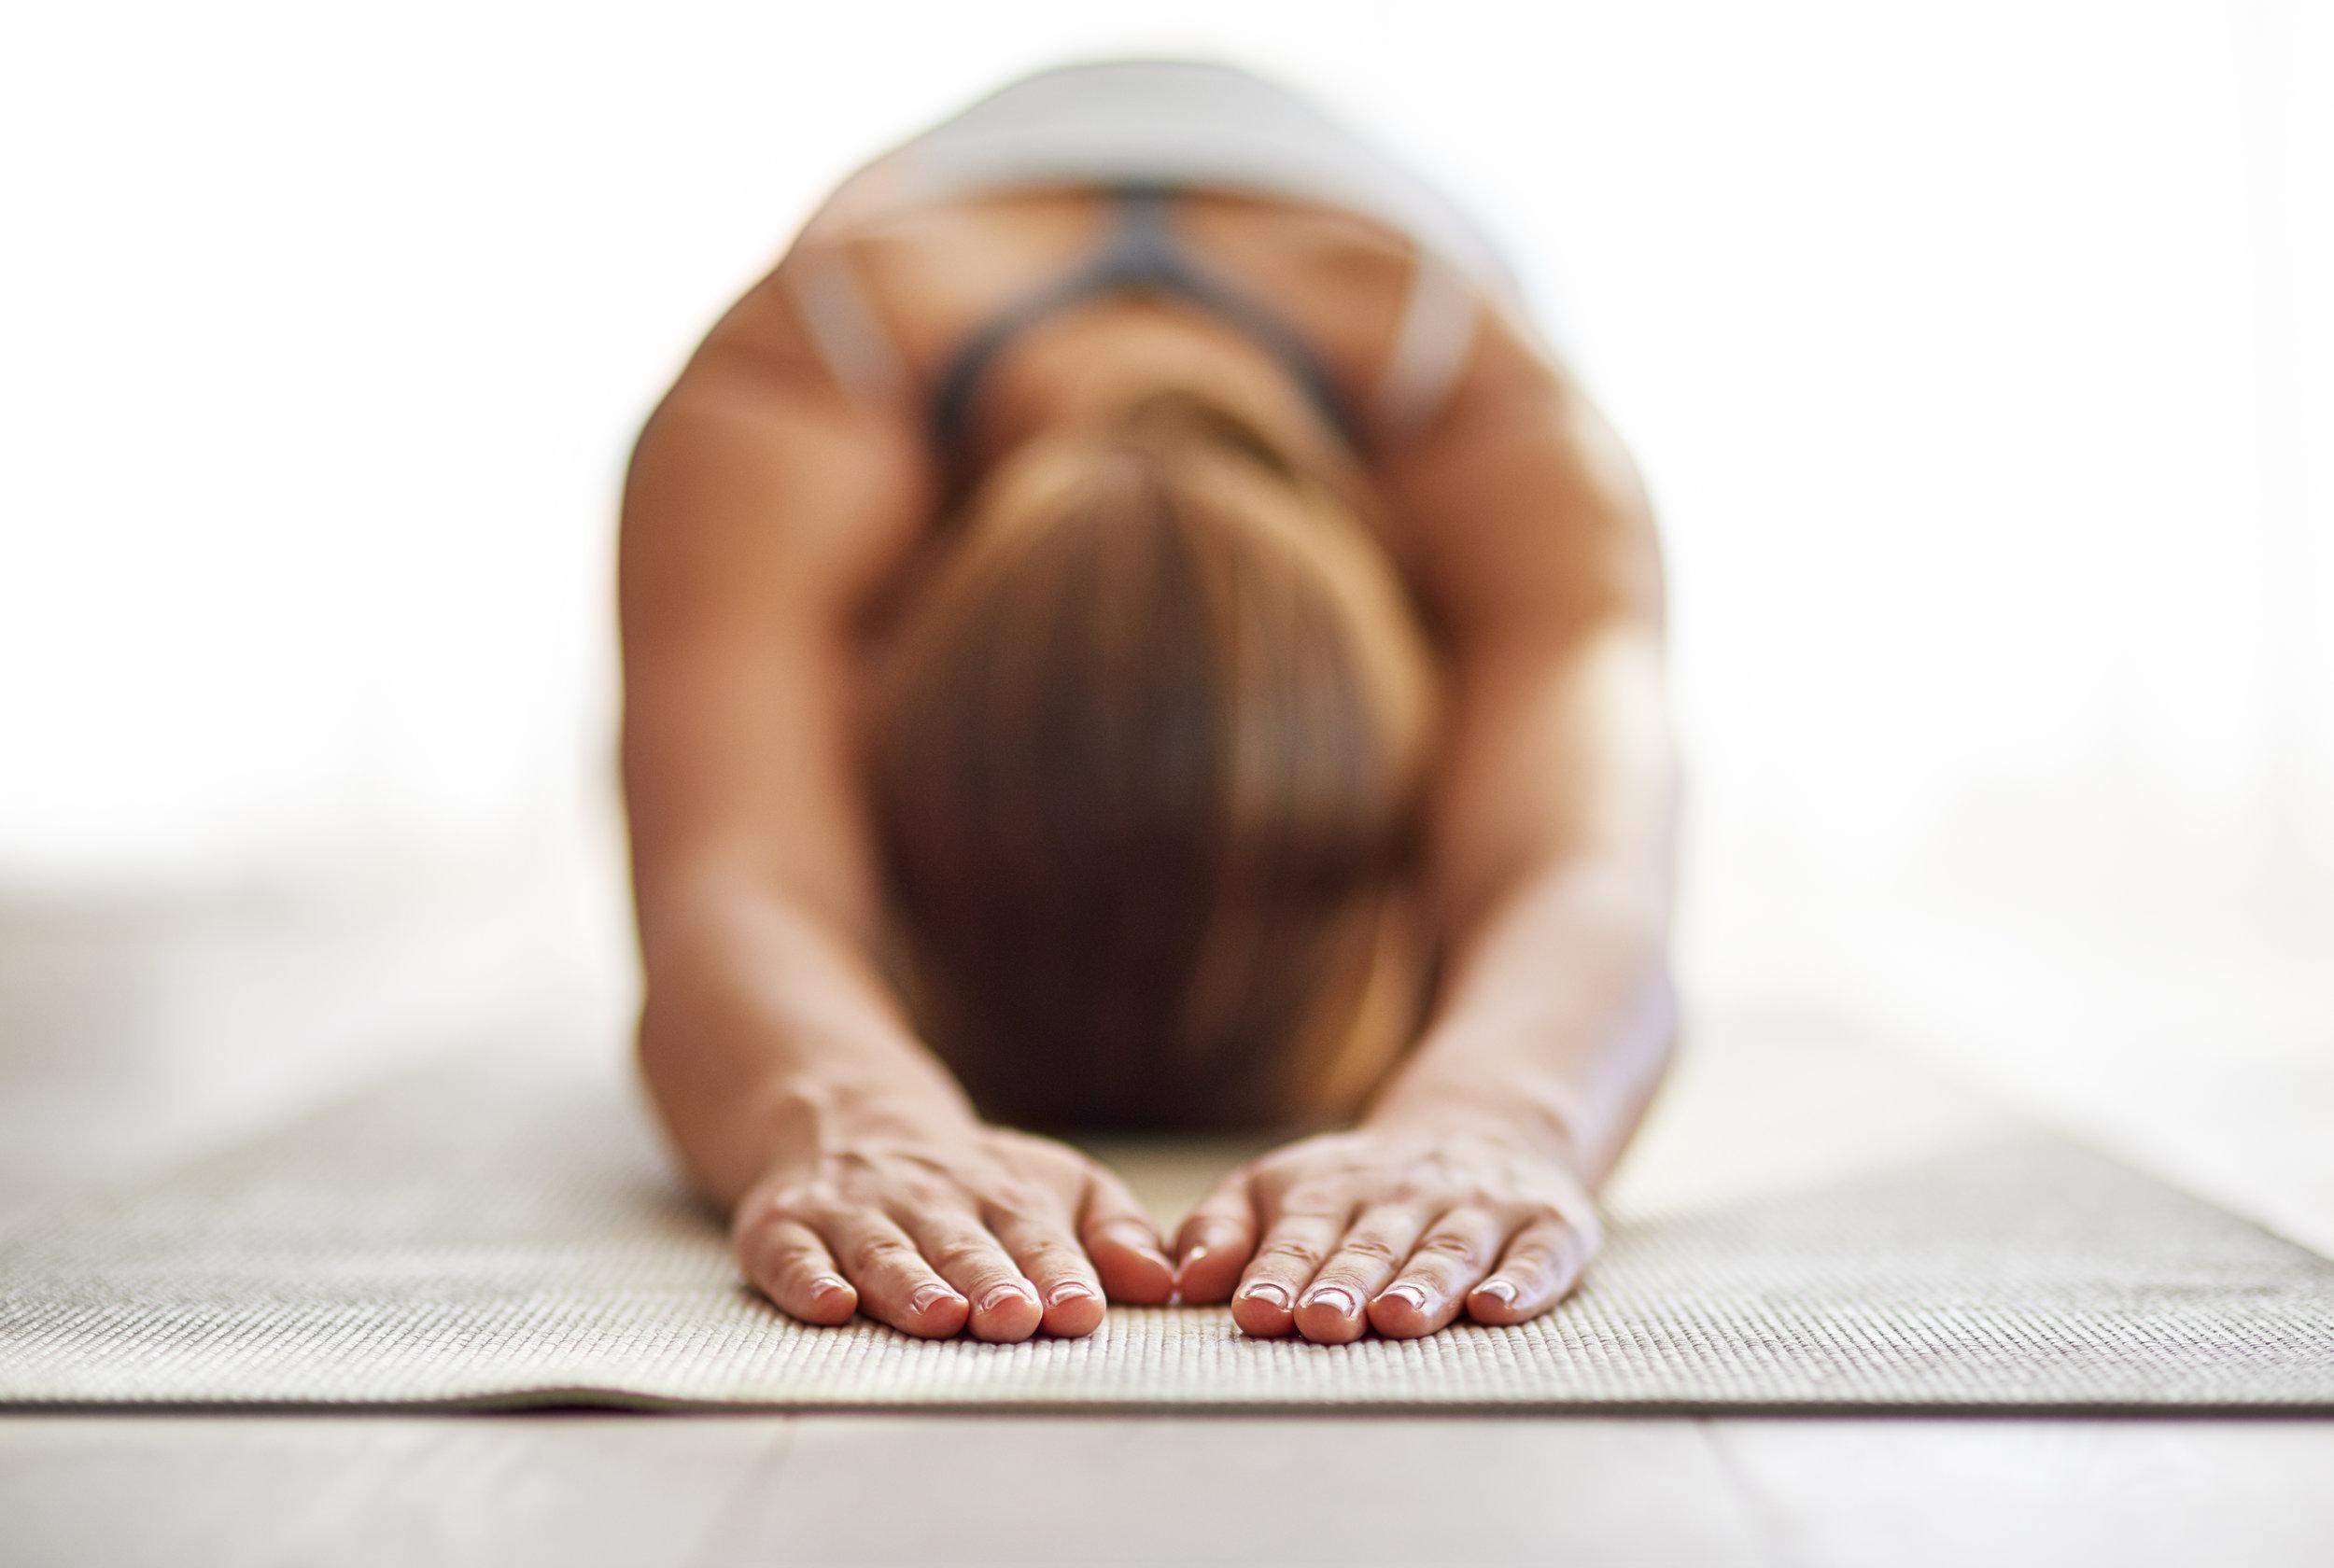 yogalærerutdanning - Fordyp deg i din yogapraksis, utvid dine profesjonelle verktøy og tilegn deg livslang fysisk, emosjonell + mental velvære